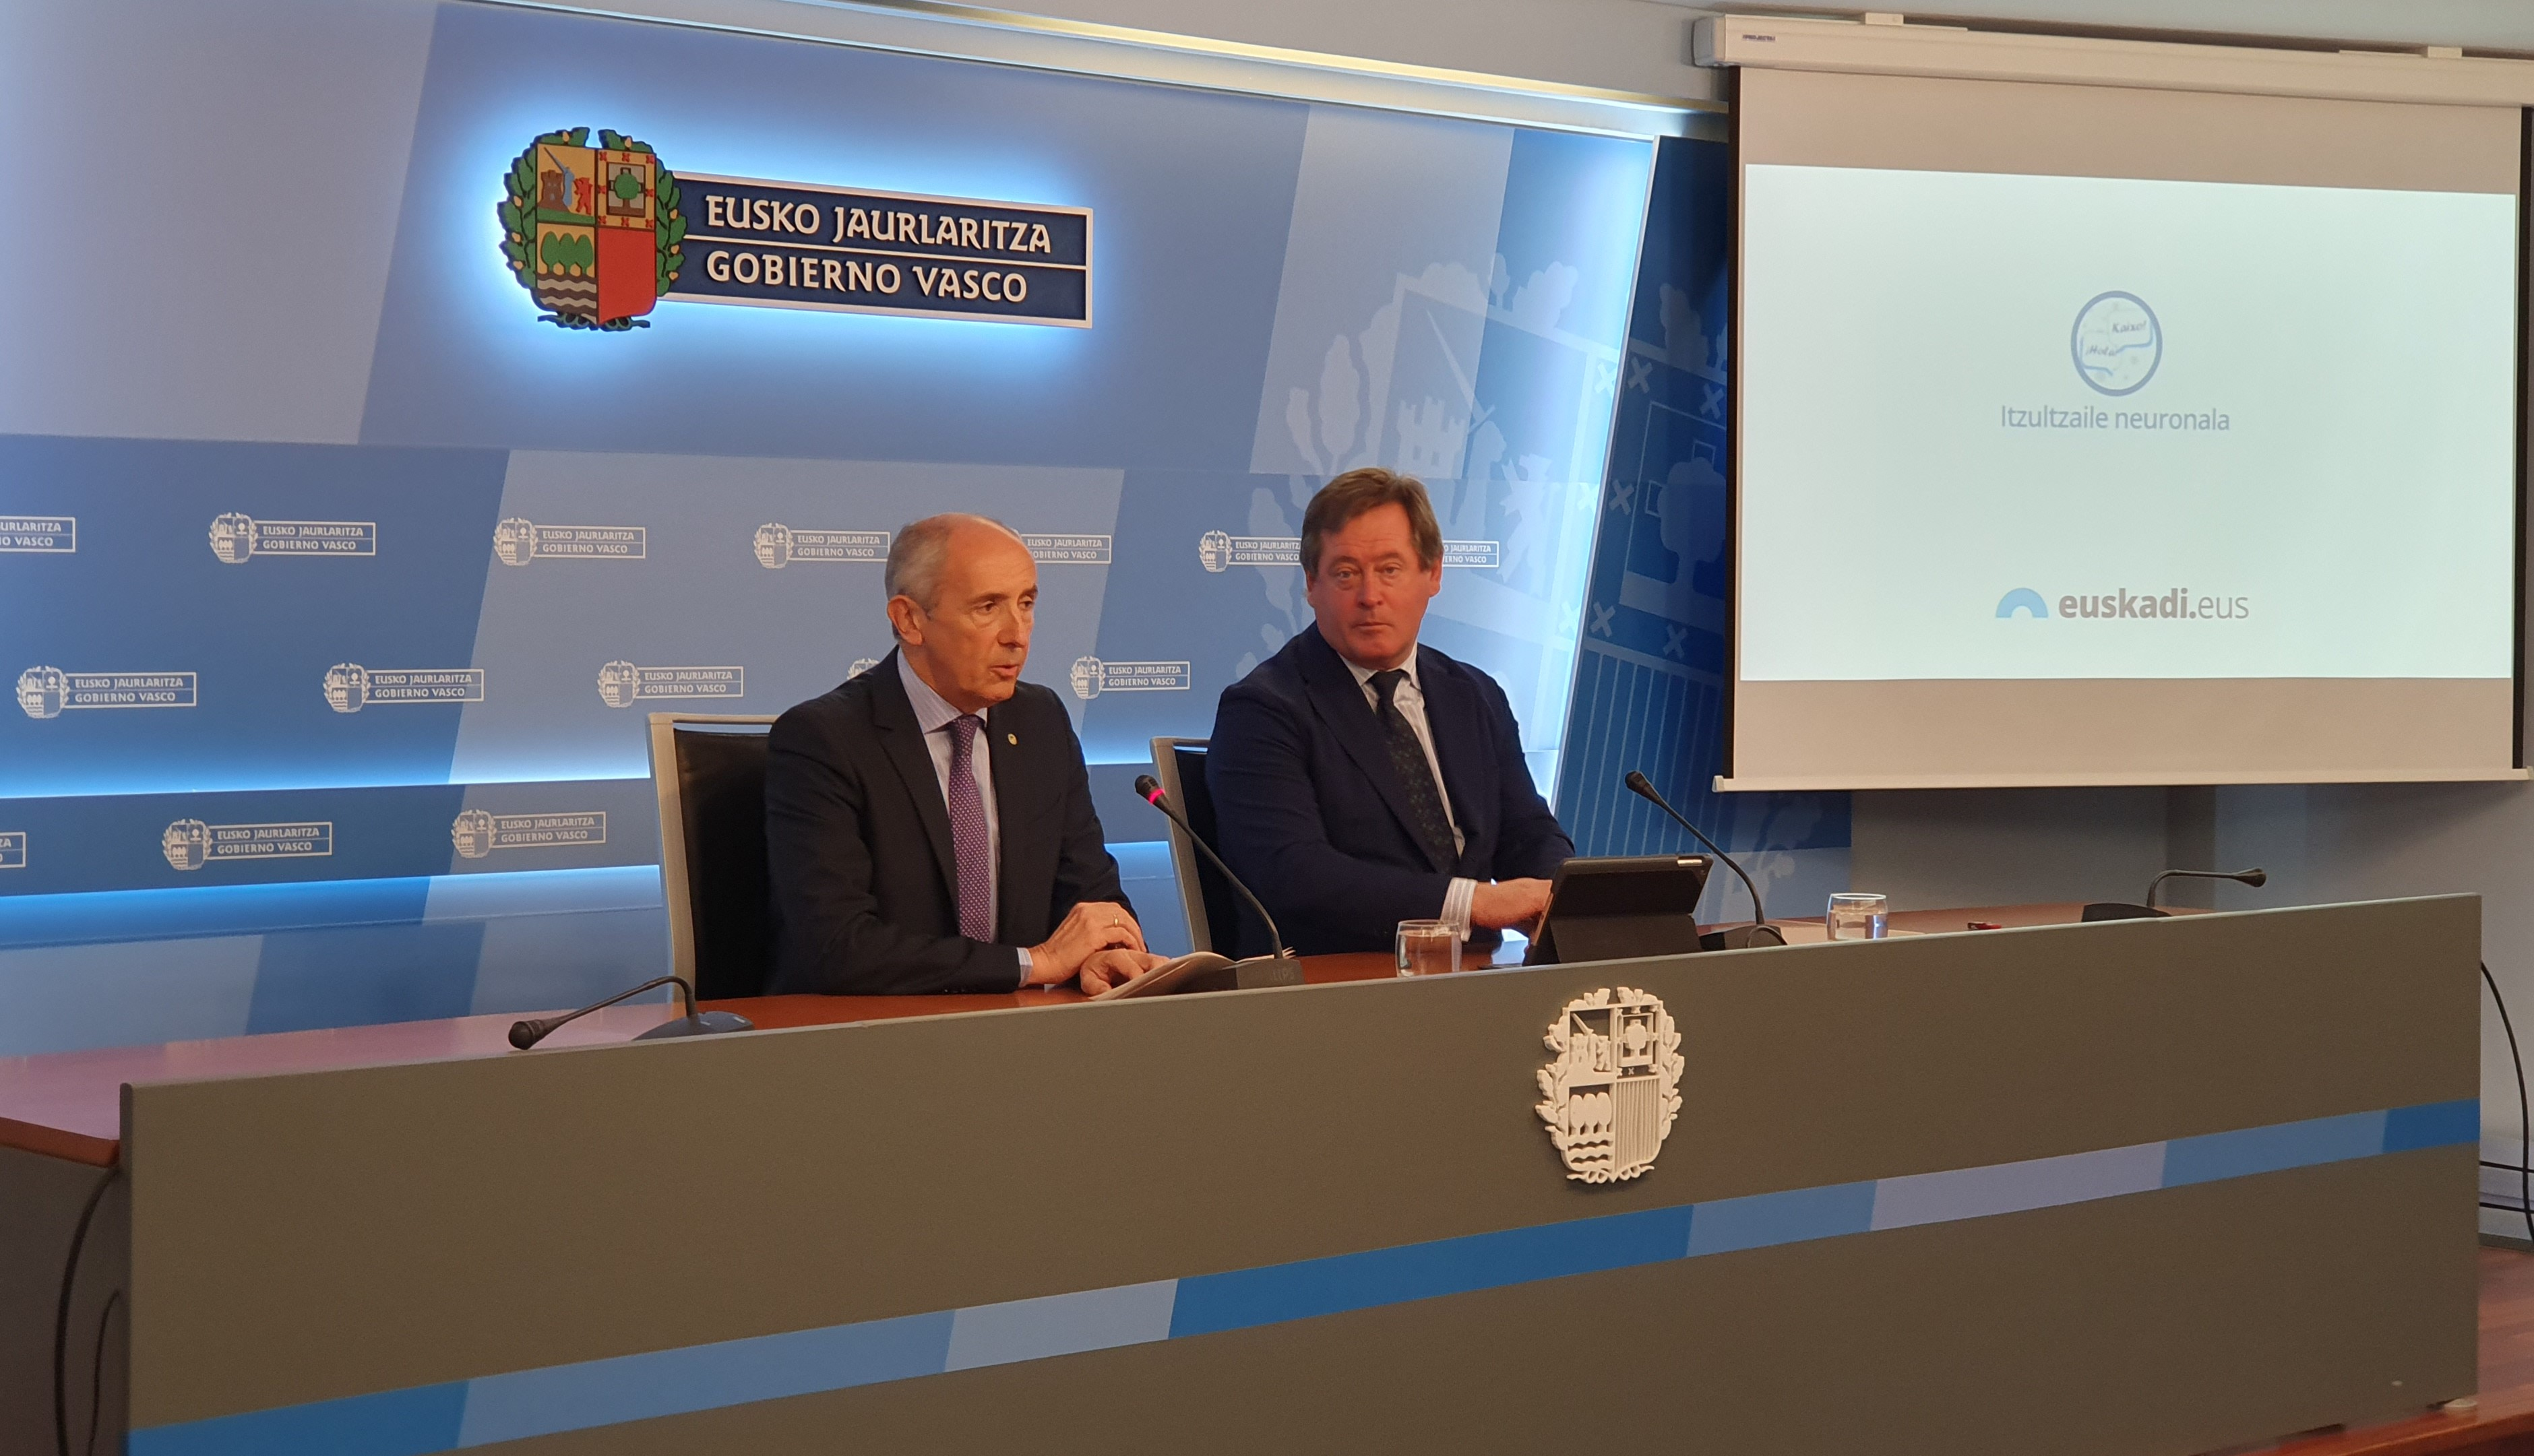 El Gobierno Vasco pone a disposición de toda la ciudadanía el 'Traductor Automático Neuronal', un proyecto práctico del ejecutivo destinado al uso ciudadano y creado a partir de la Inteligencia Artificial